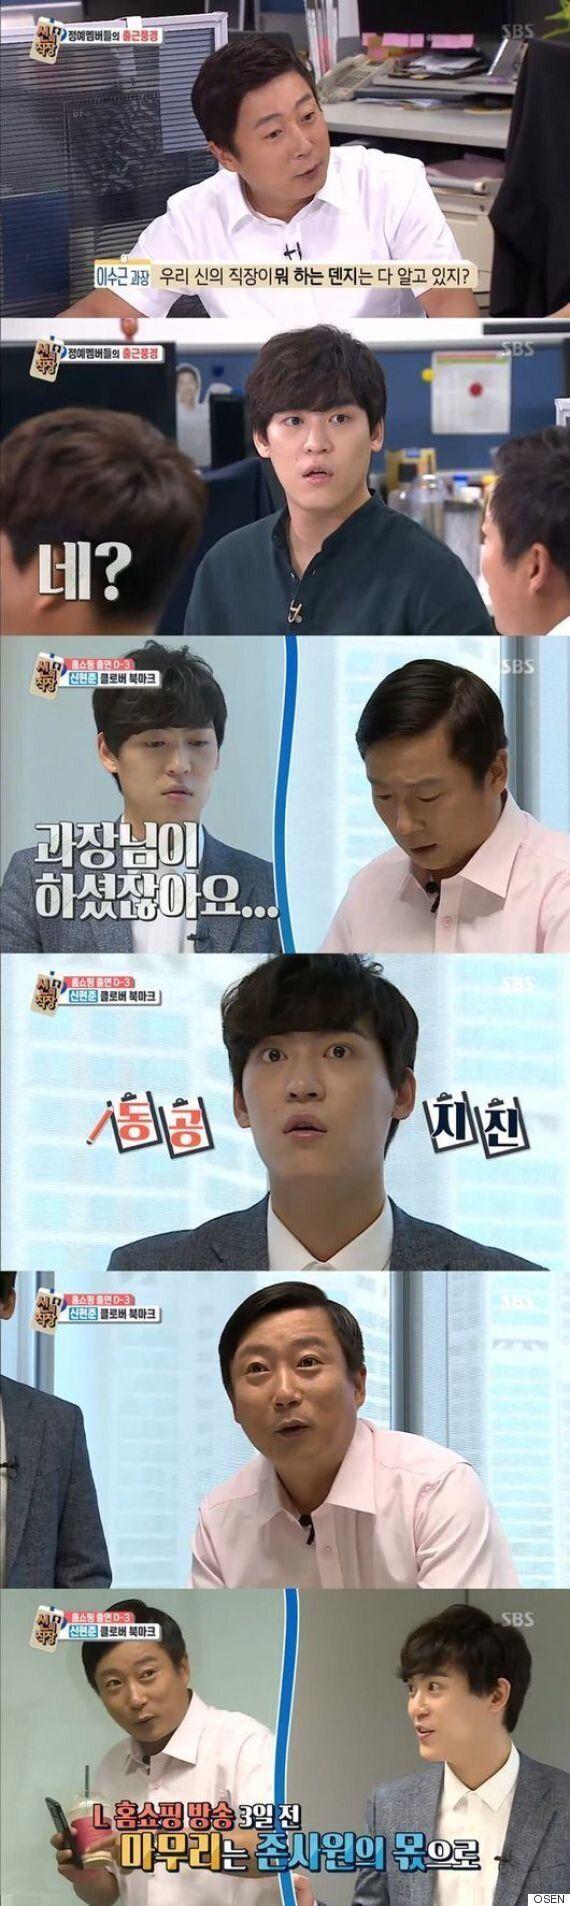 [어저께TV] '신의 직장' 이수근·존박, '무한상사' 출연